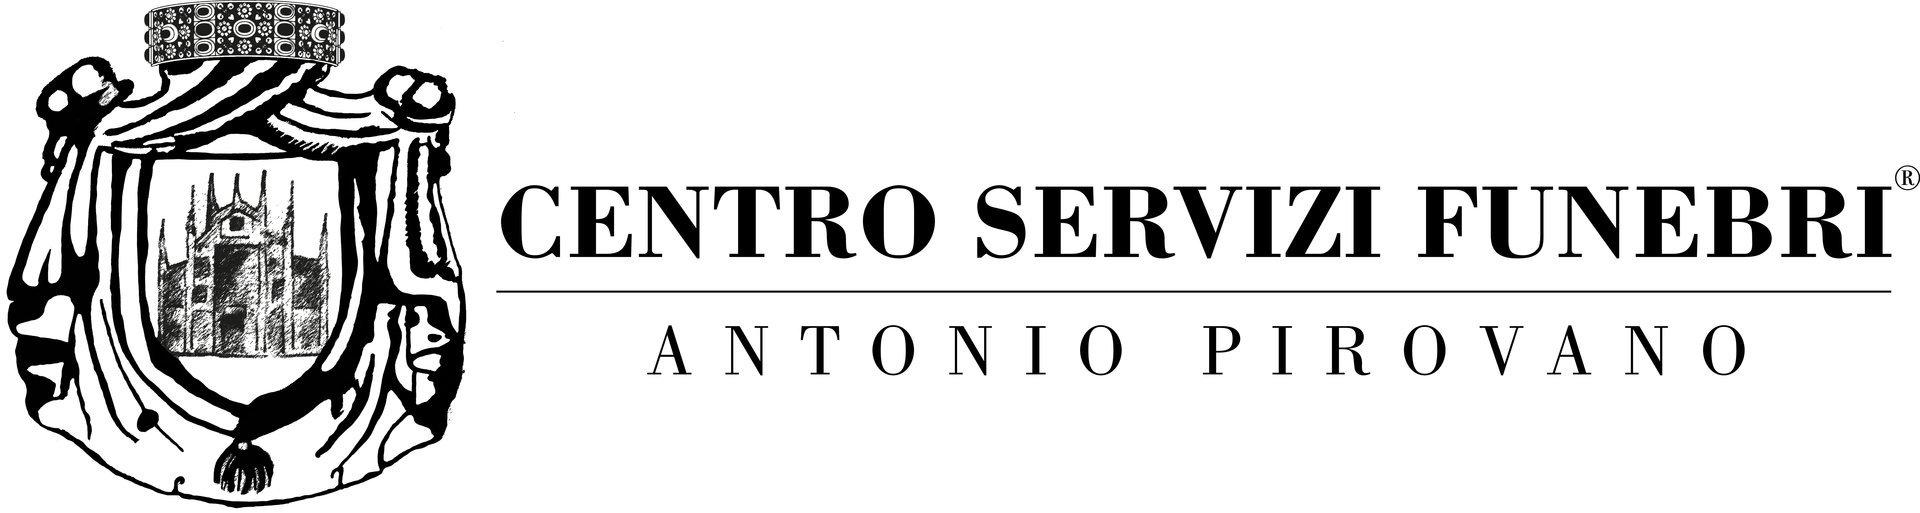 CENTRO SERVIZI FUNEBRI PIROVANO - LOGO